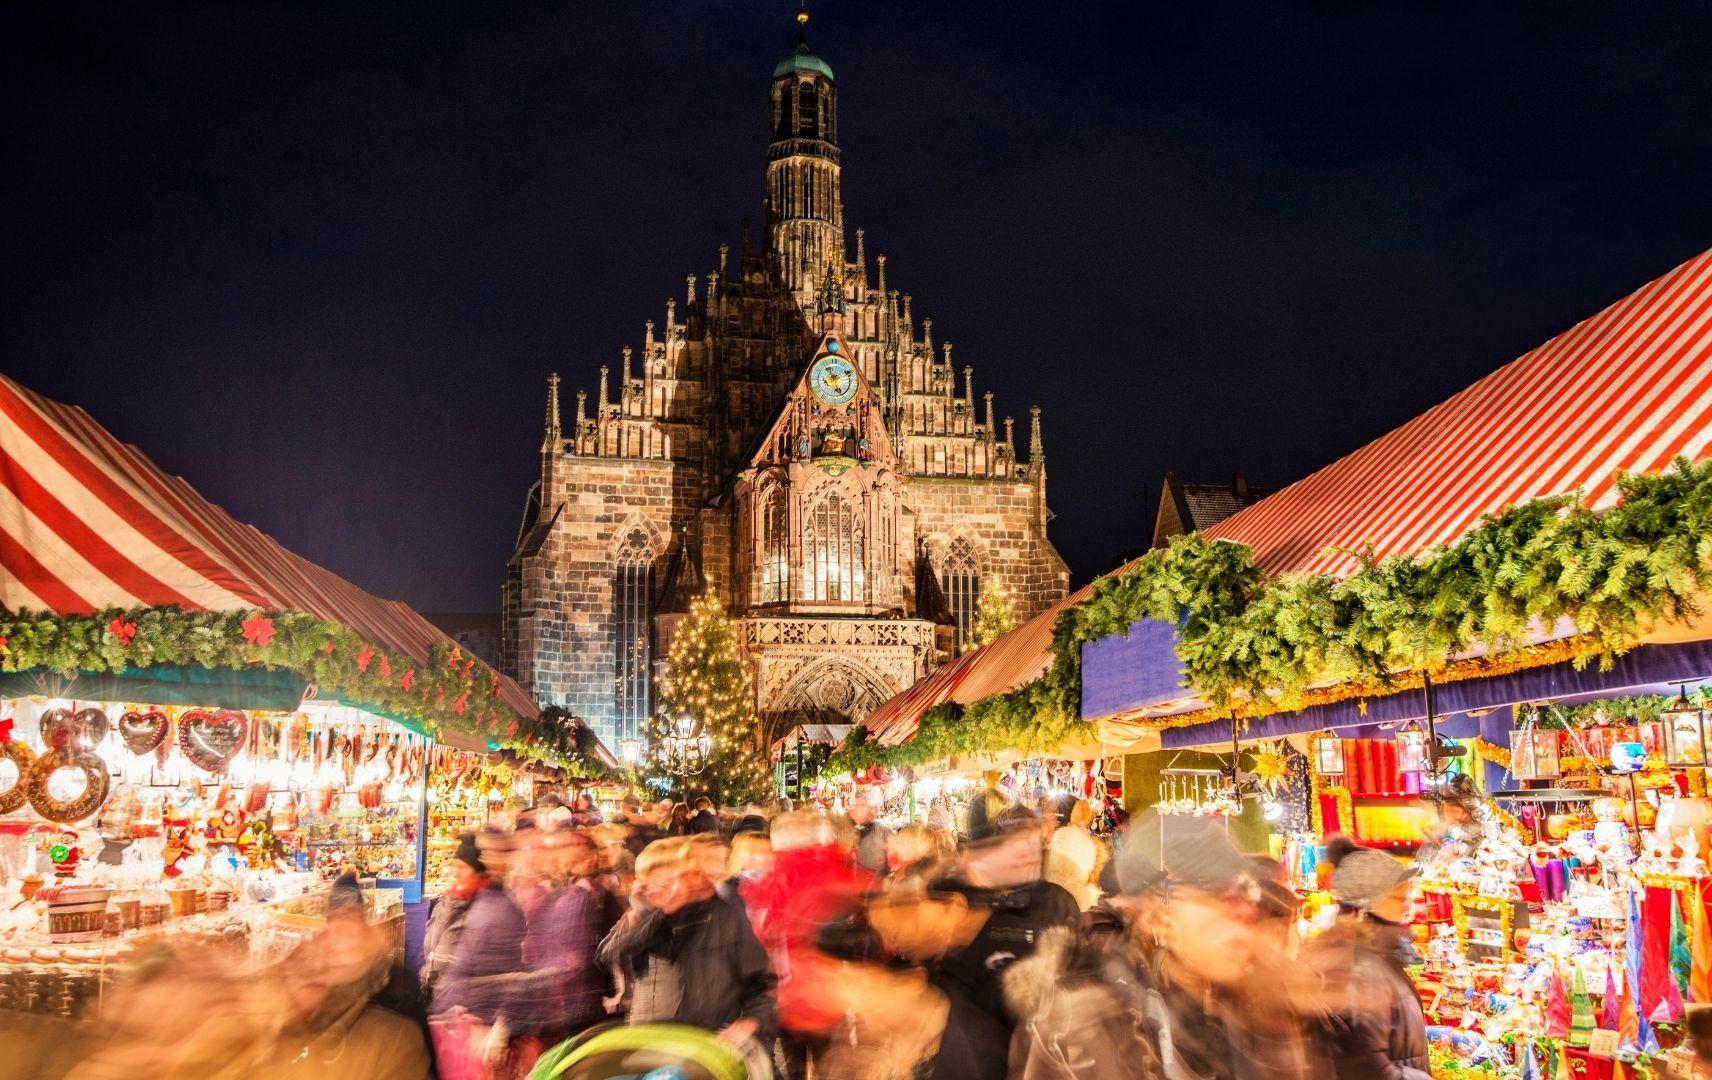 Weihnachten - Nürnberger Christkindlesmarkt